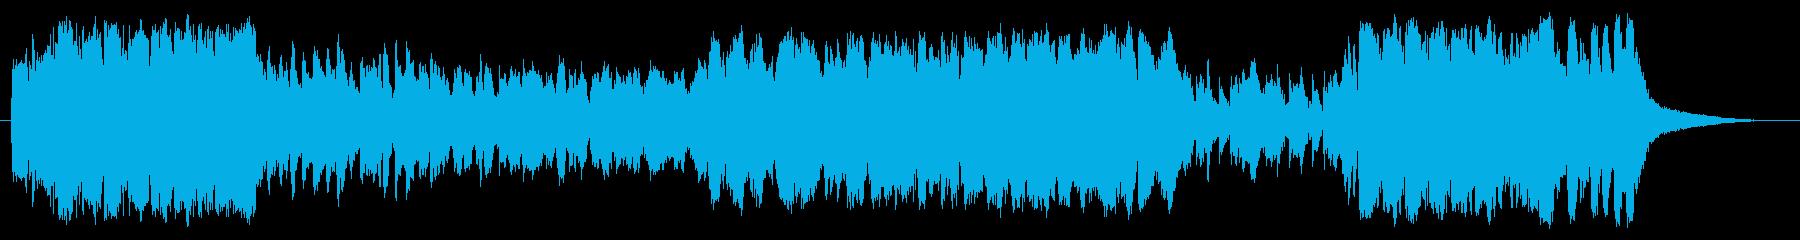 吹奏楽、マーチ(行進曲)、華やかな式典Aの再生済みの波形